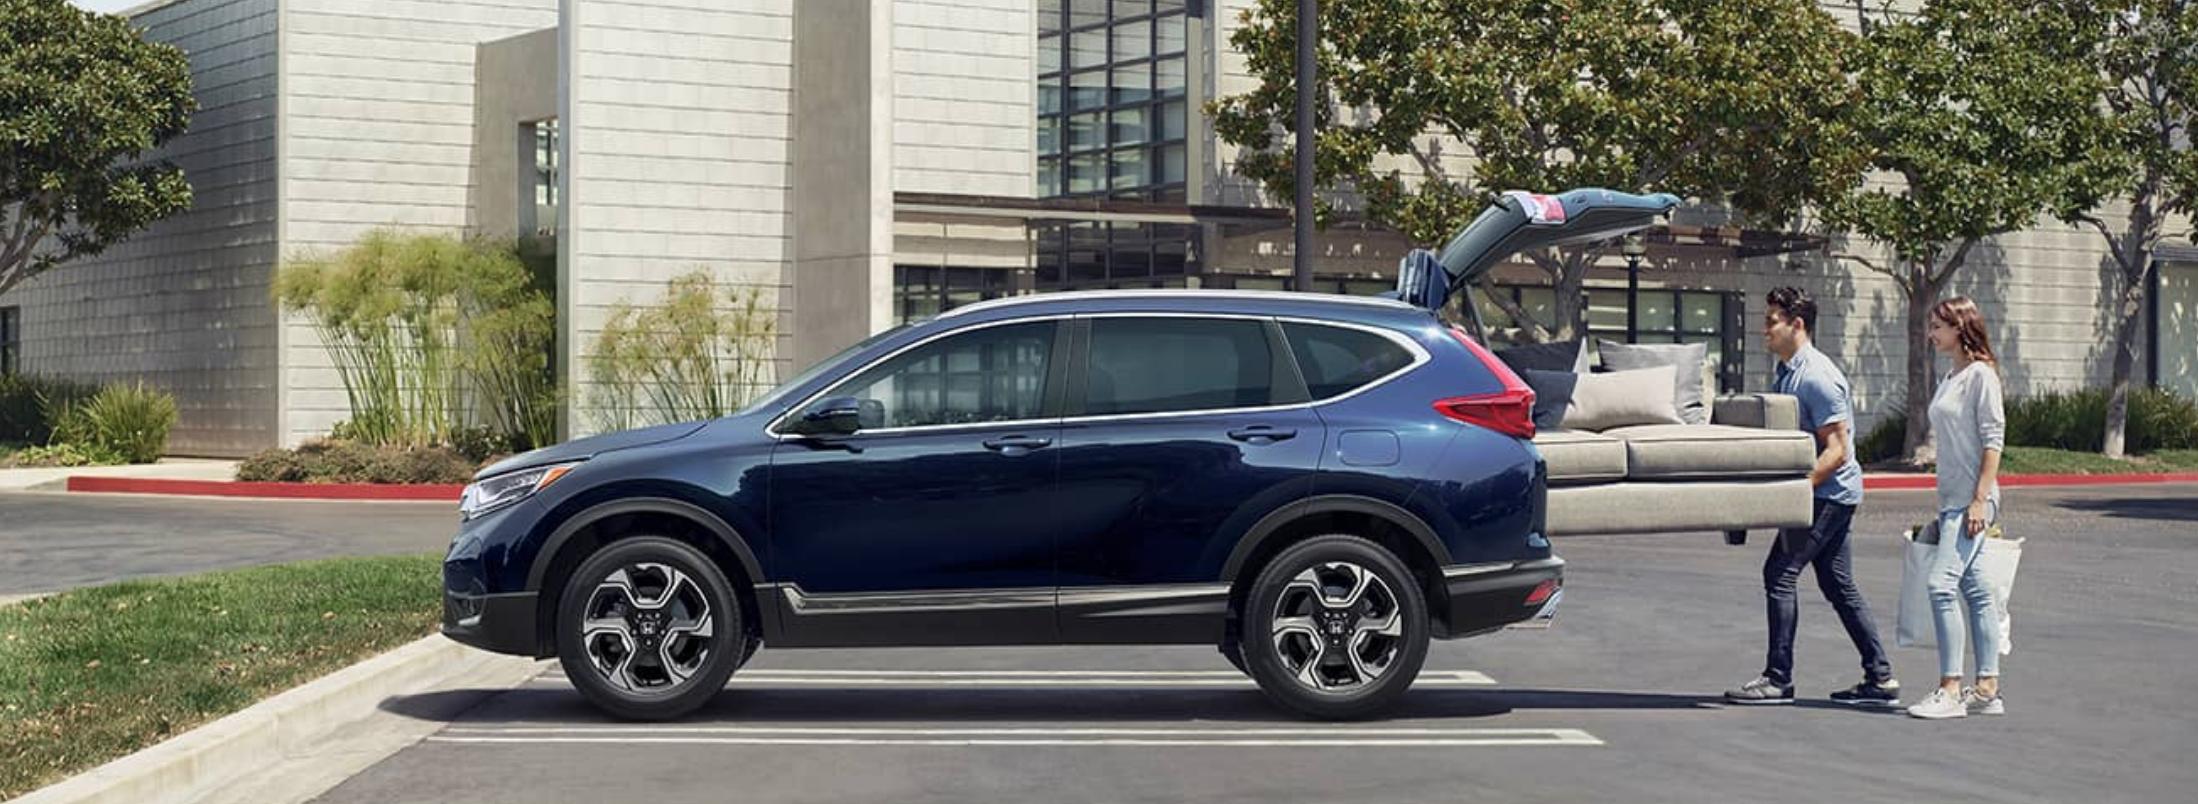 Discover the 2019 Honda SR-V SUV At Motorcars Honda Today